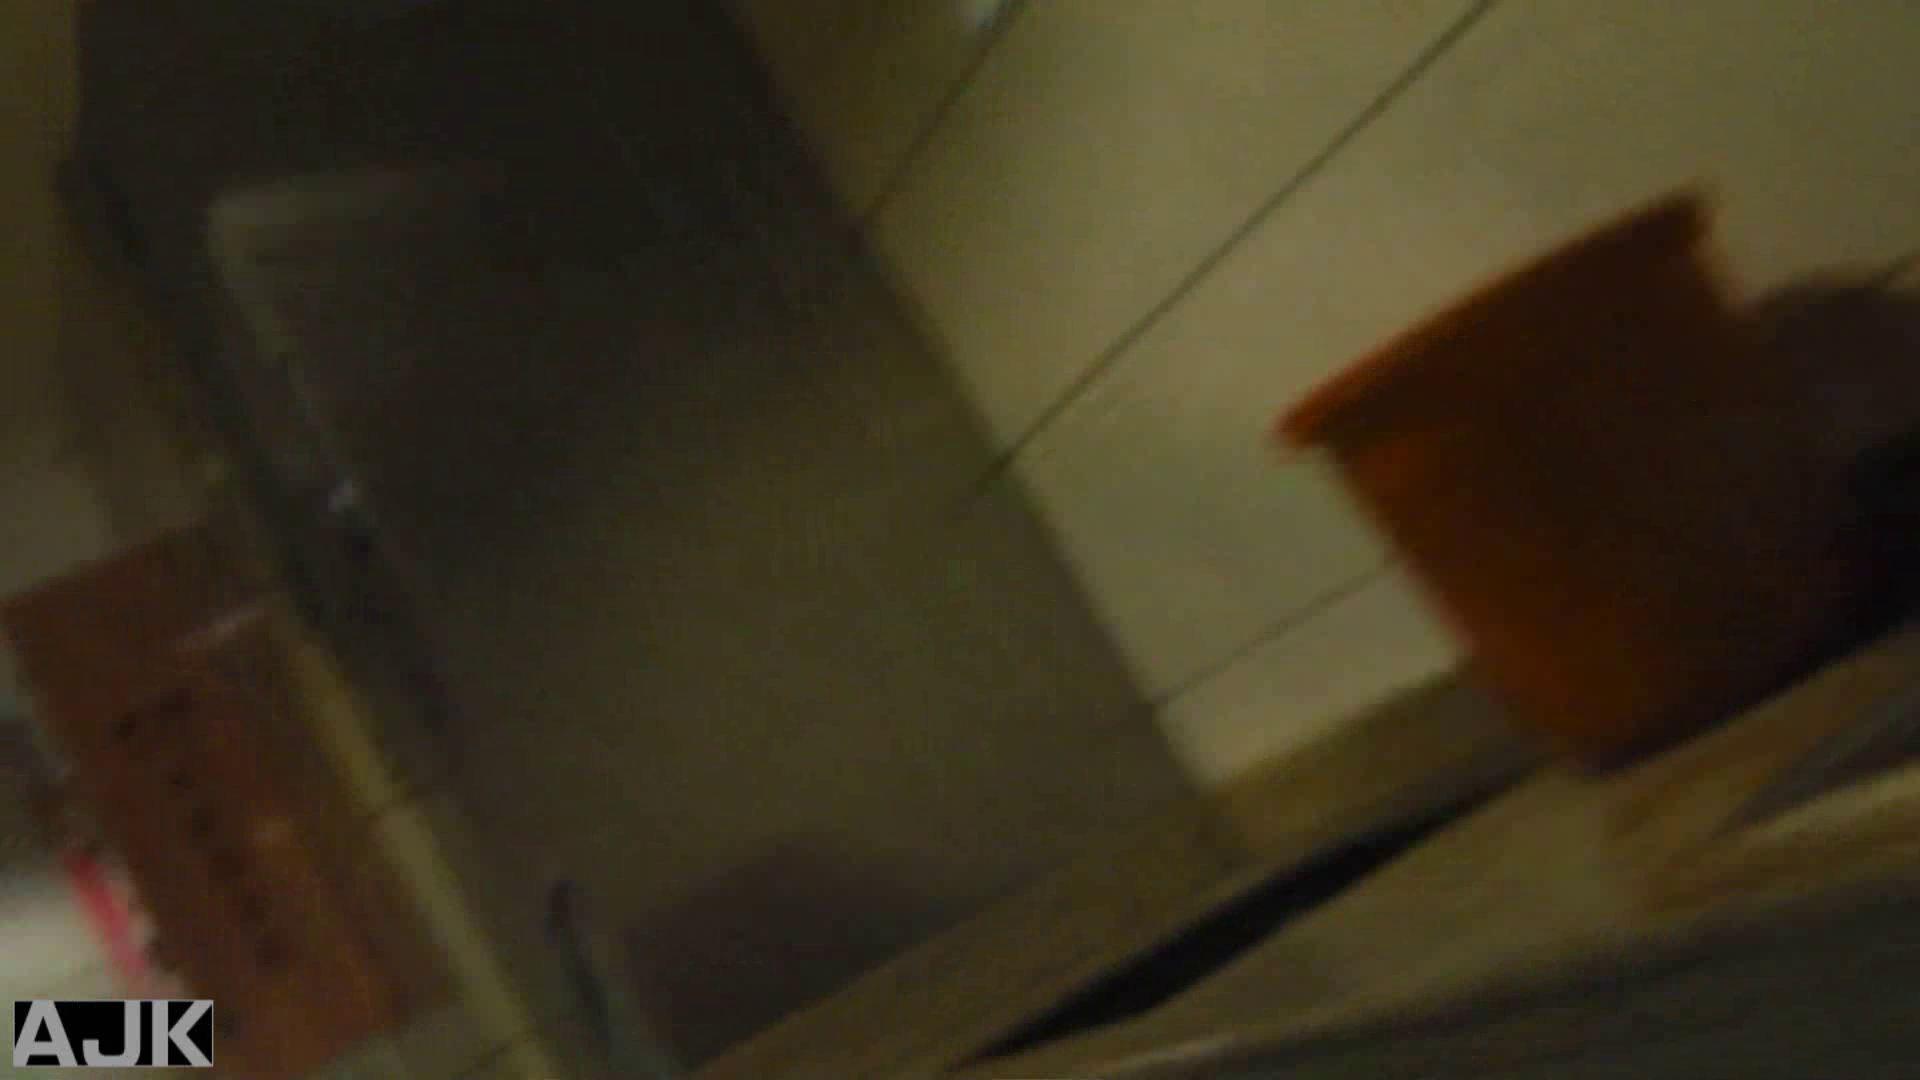 神降臨!史上最強の潜入かわや! vol.09 美女 AV無料動画キャプチャ 44連発 41